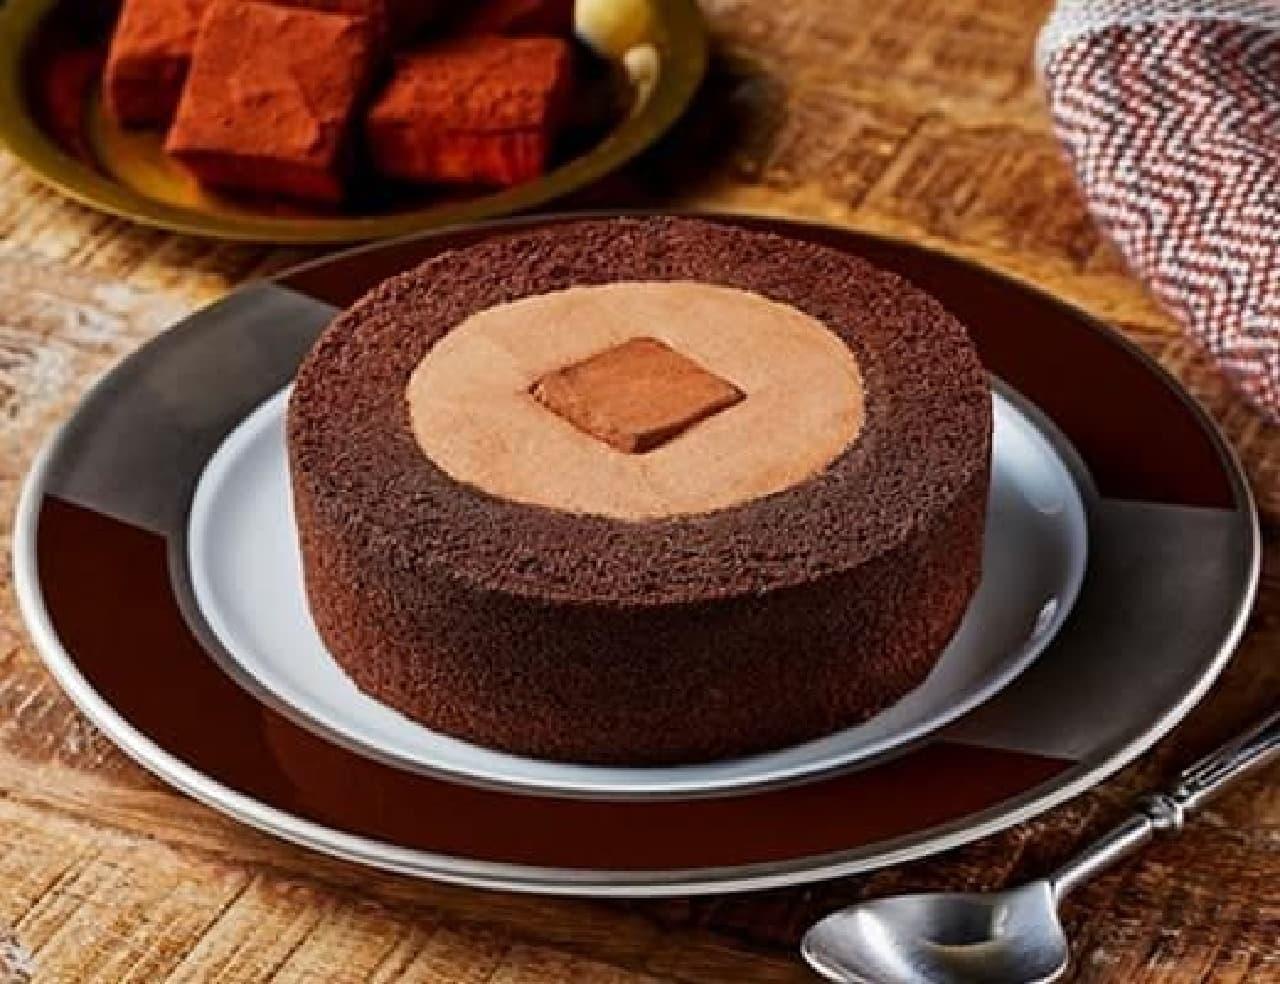 ローソン「Uchi Cafe 濃深(こくぶか)生チョコロールケーキ」